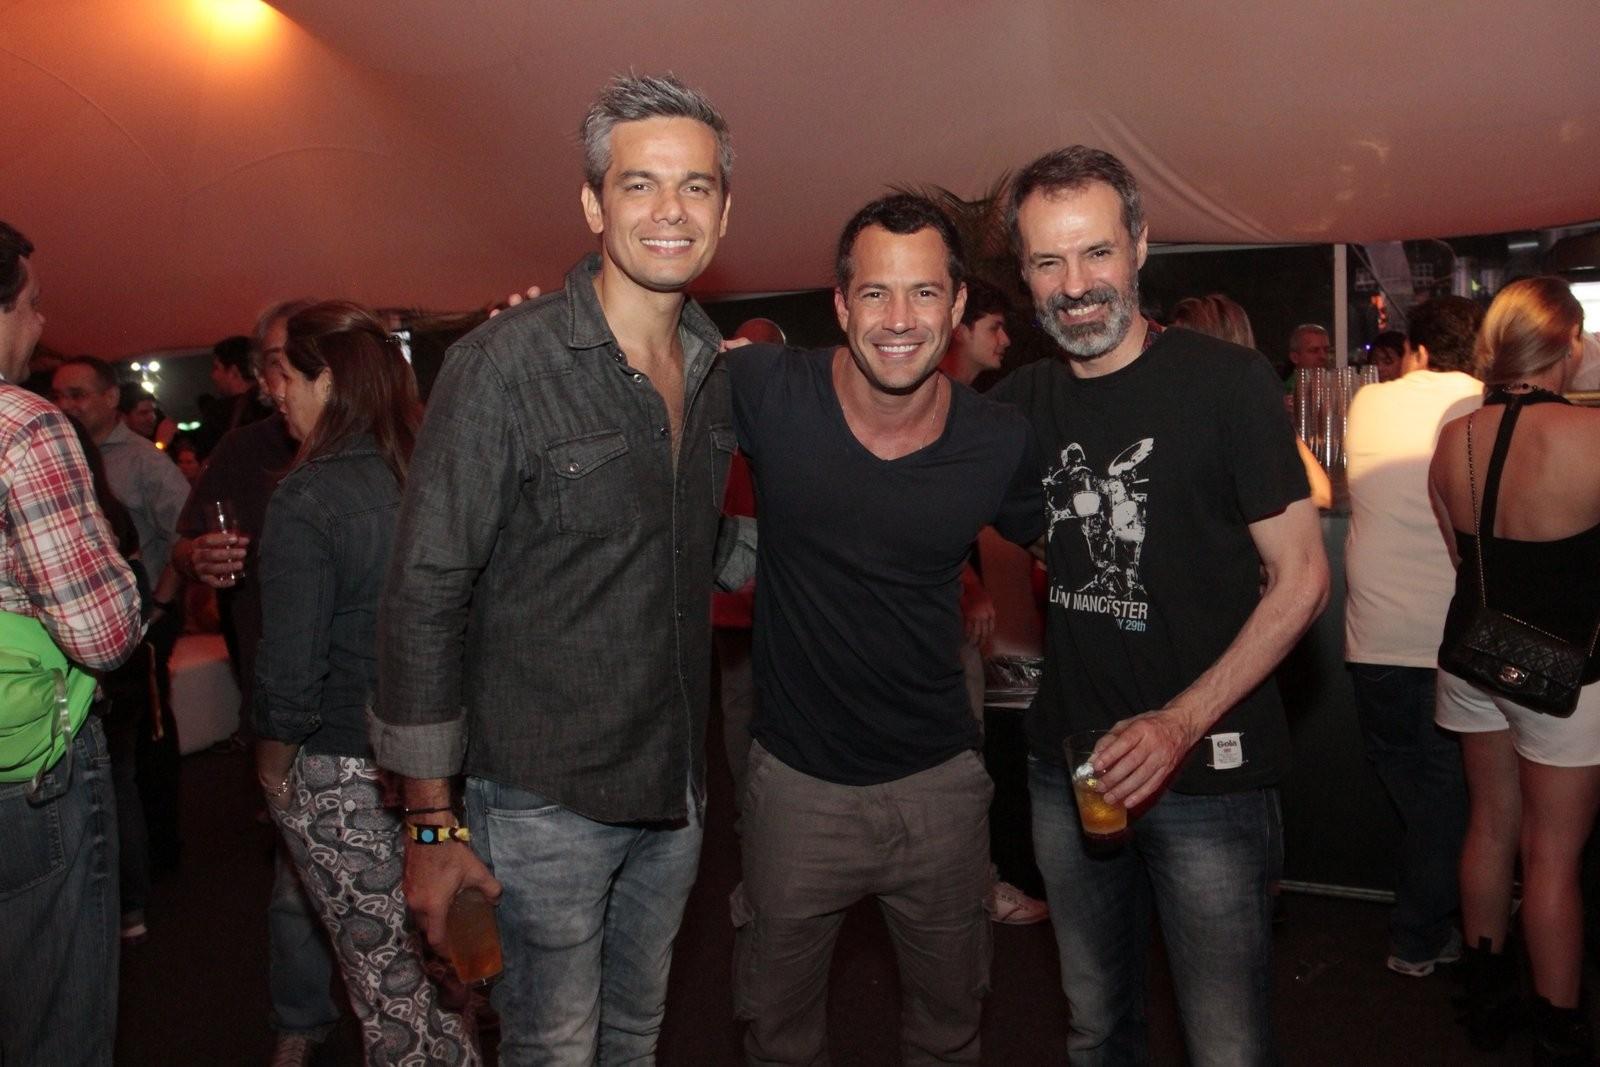 Otaviano Costa e Malvino Salvador (Foto: Reginaldo Teixeira/Revista QUEM)